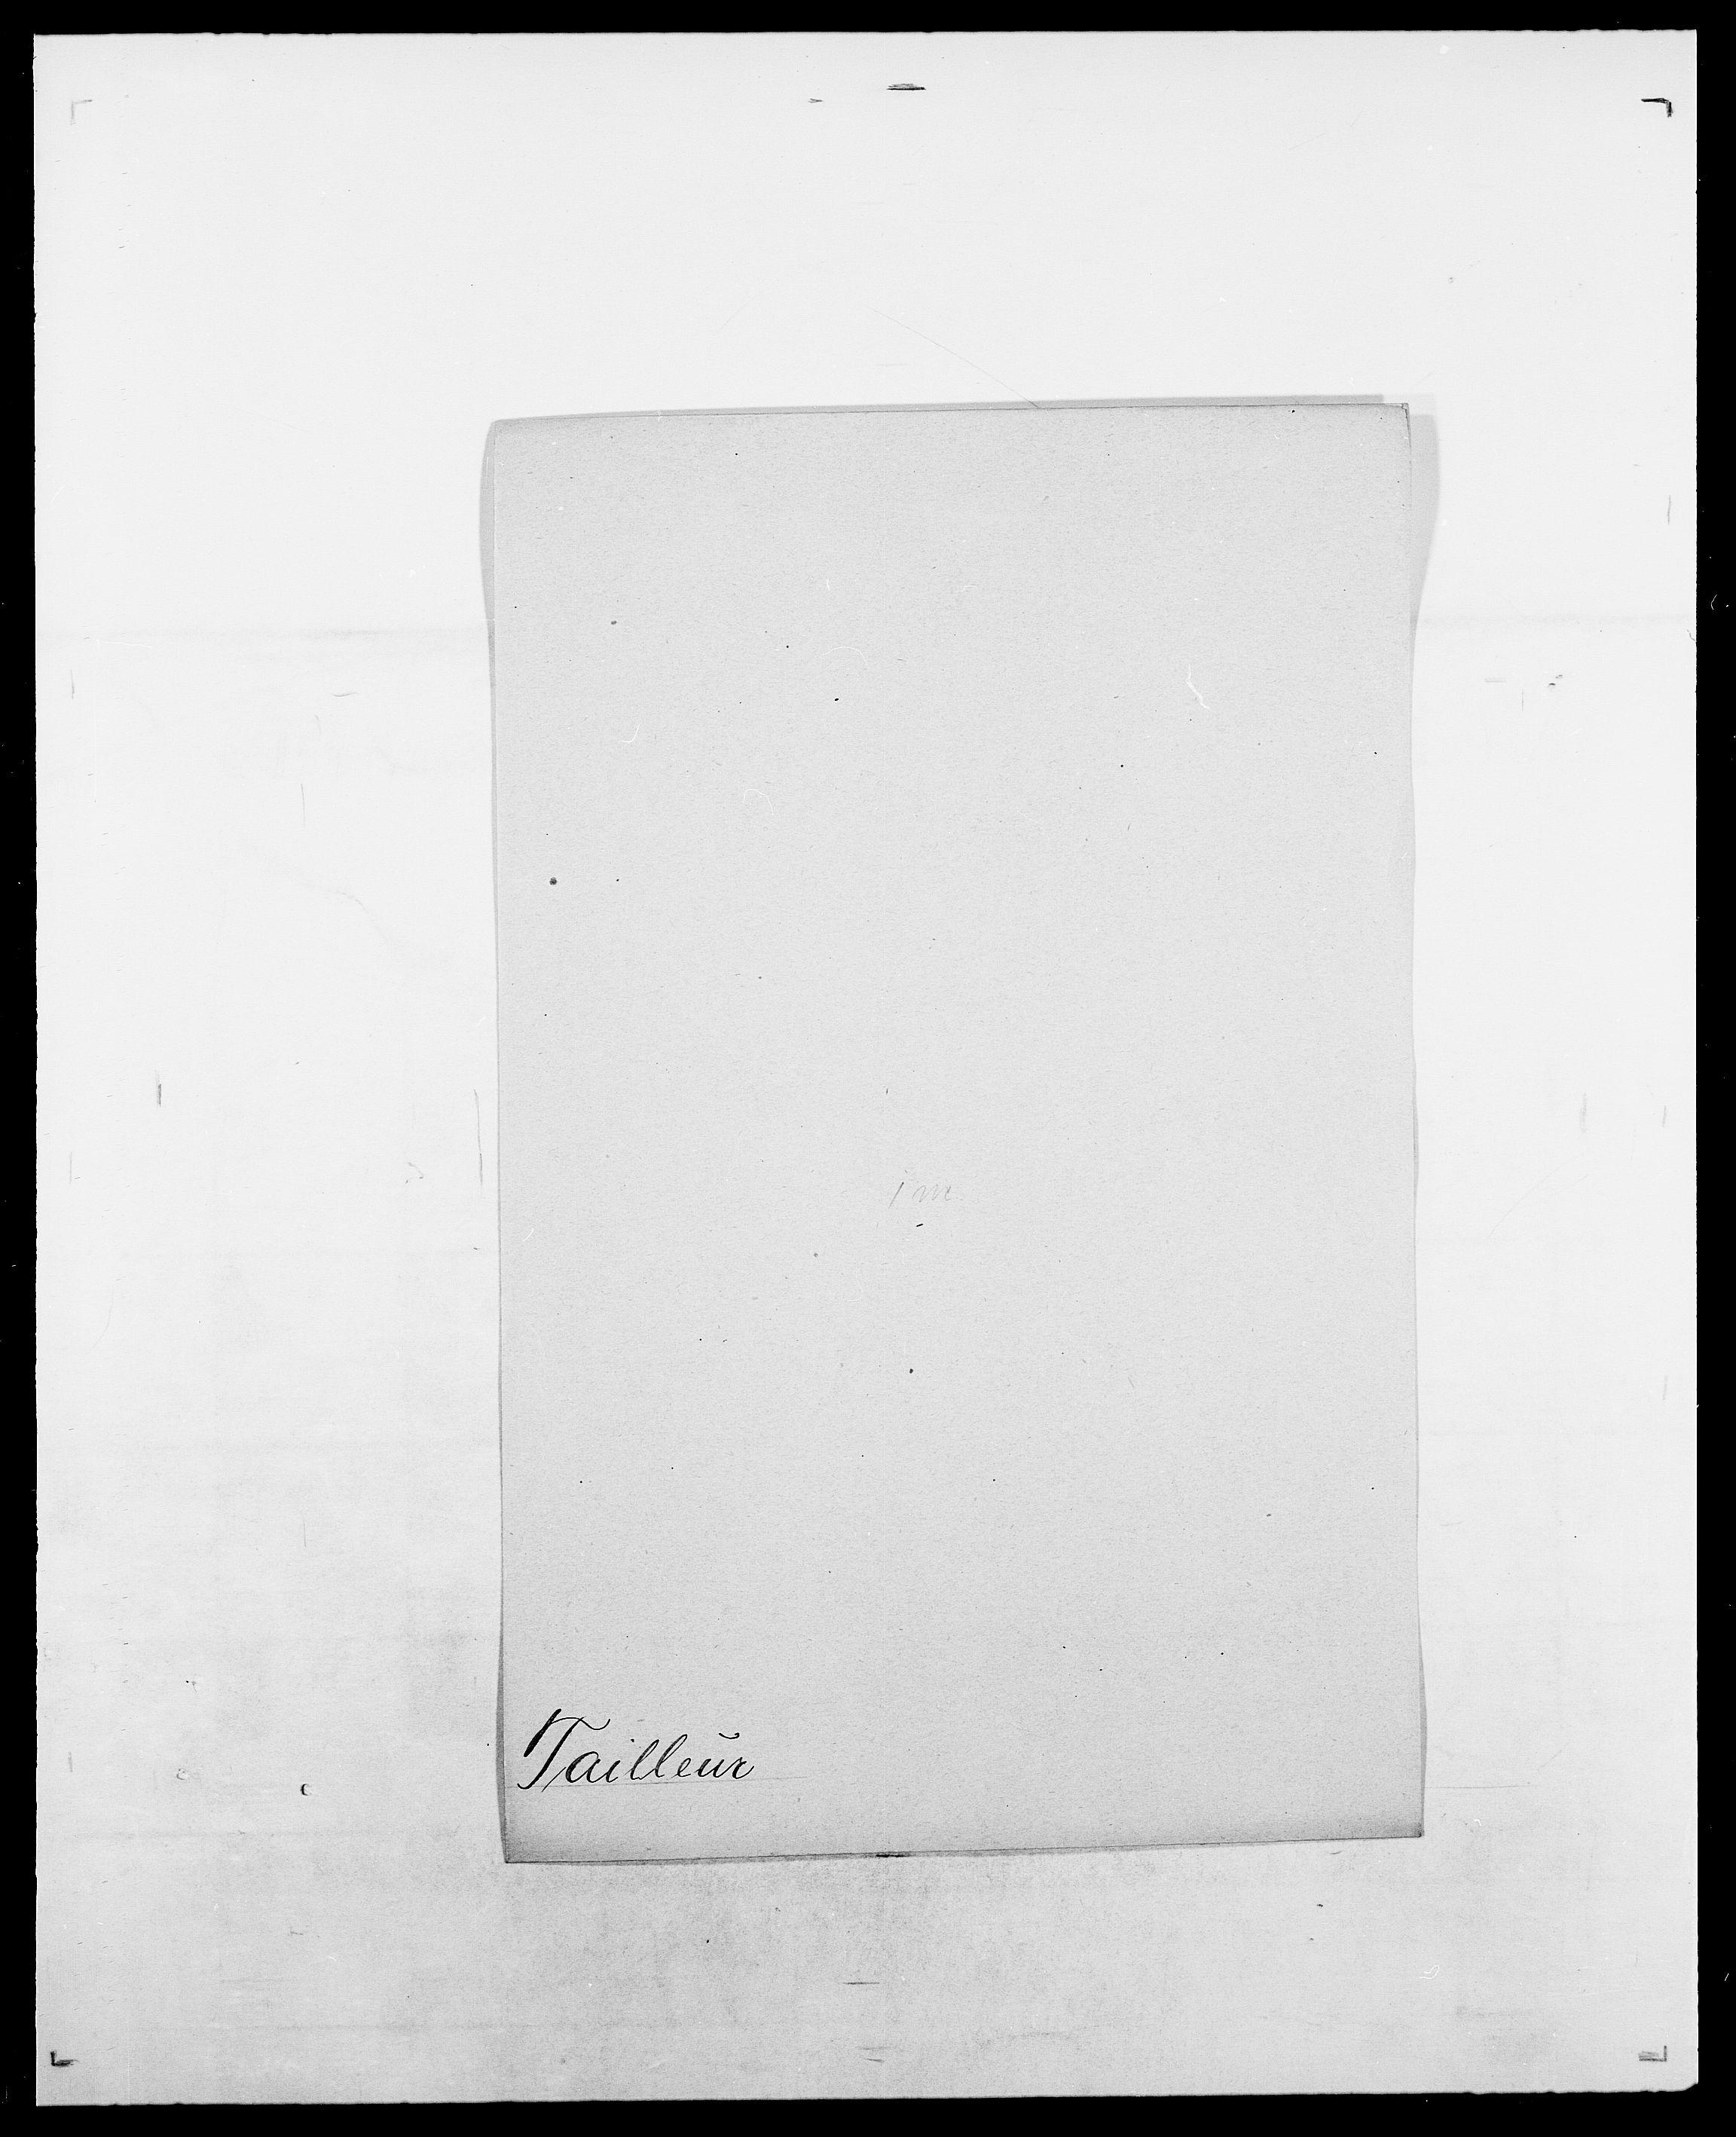 SAO, Delgobe, Charles Antoine - samling, D/Da/L0038: Svanenskjold - Thornsohn, s. 271